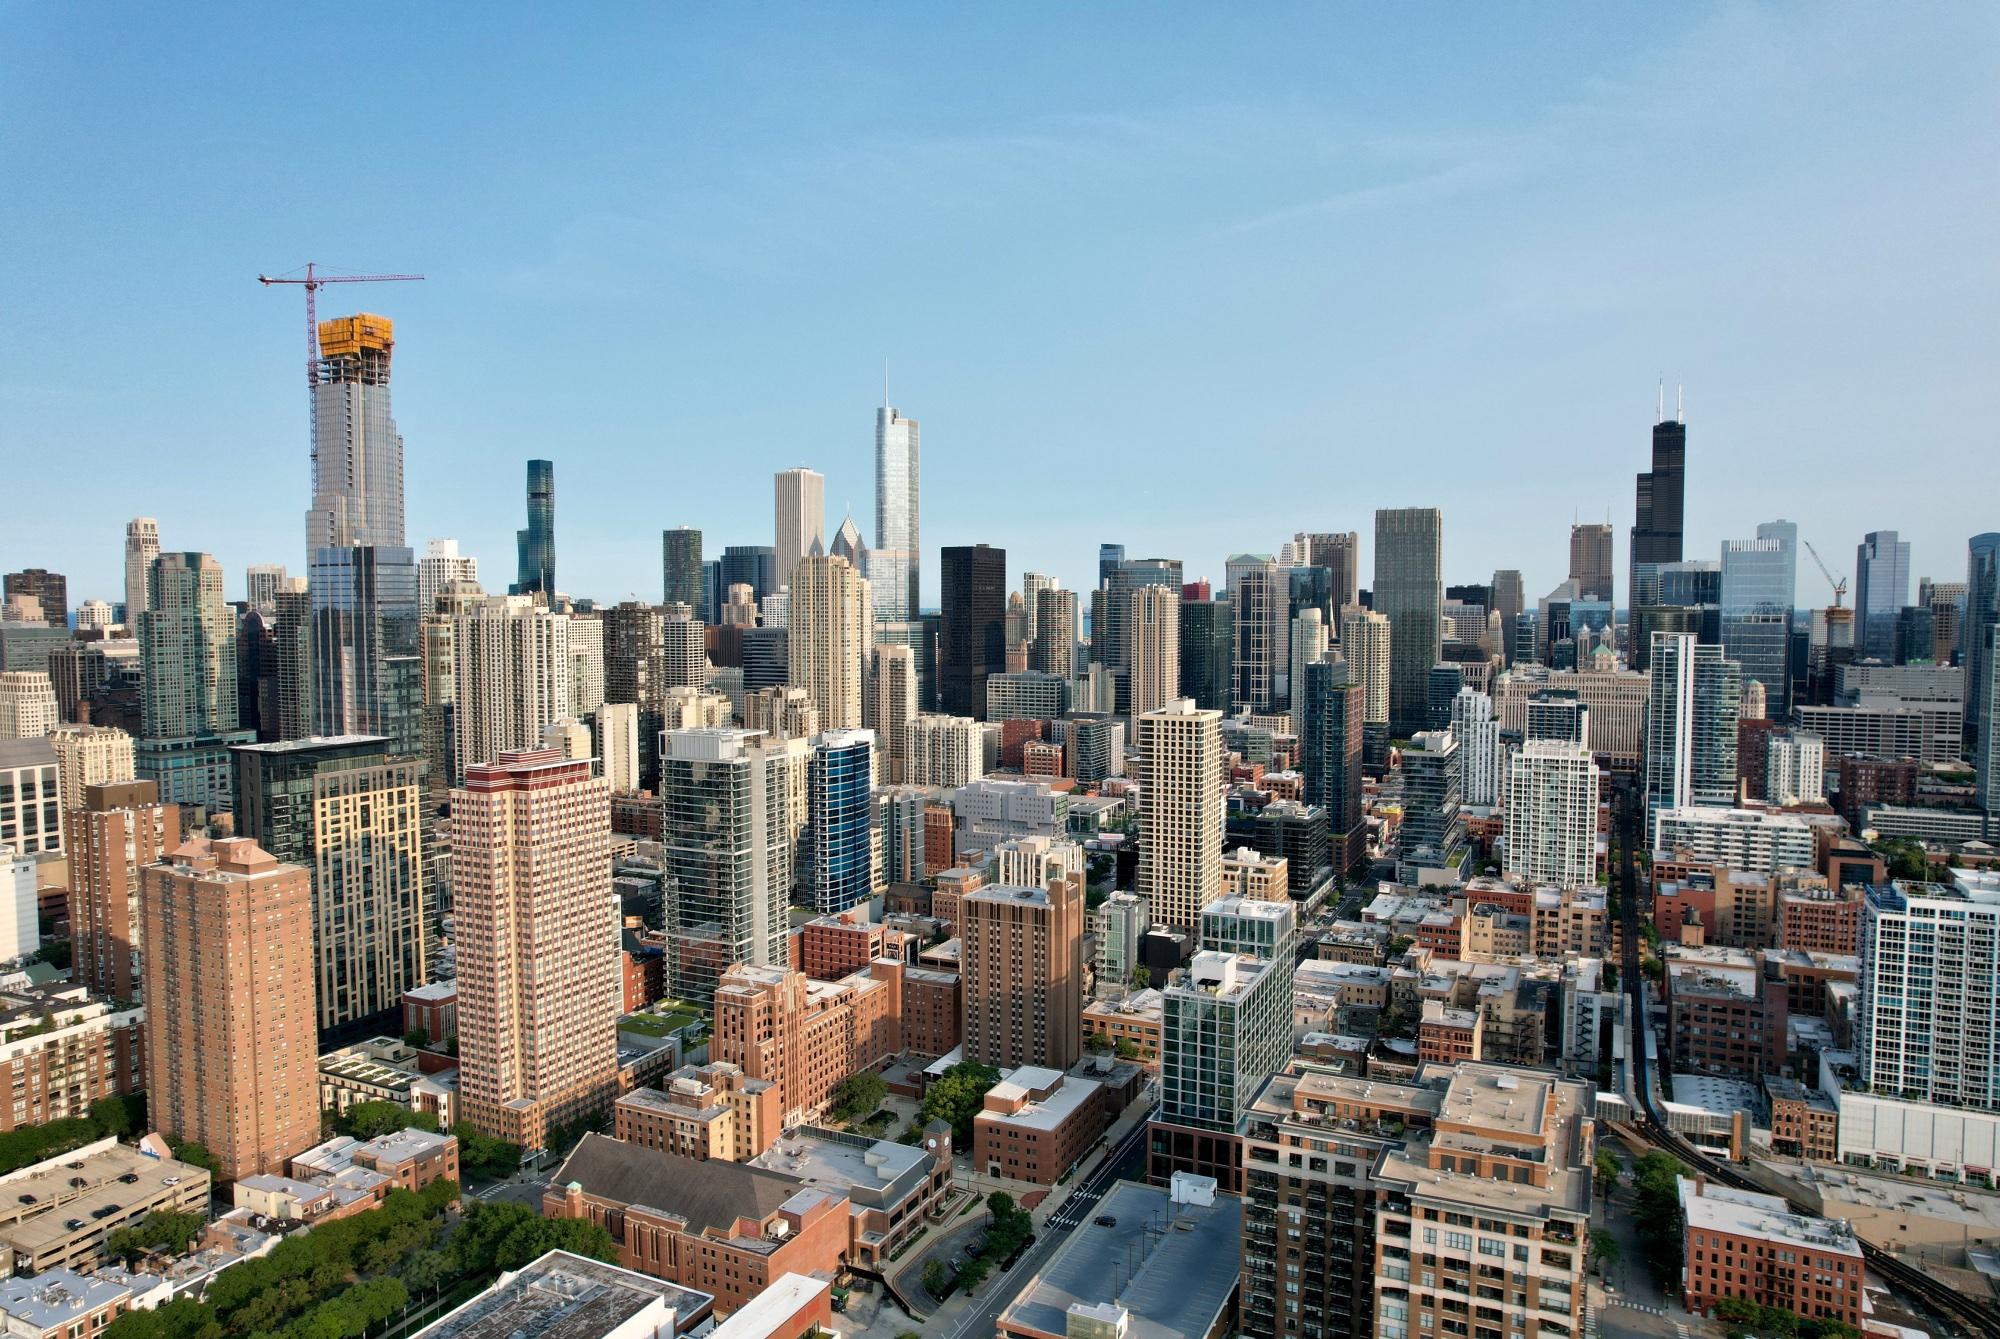 One Chicago (left)